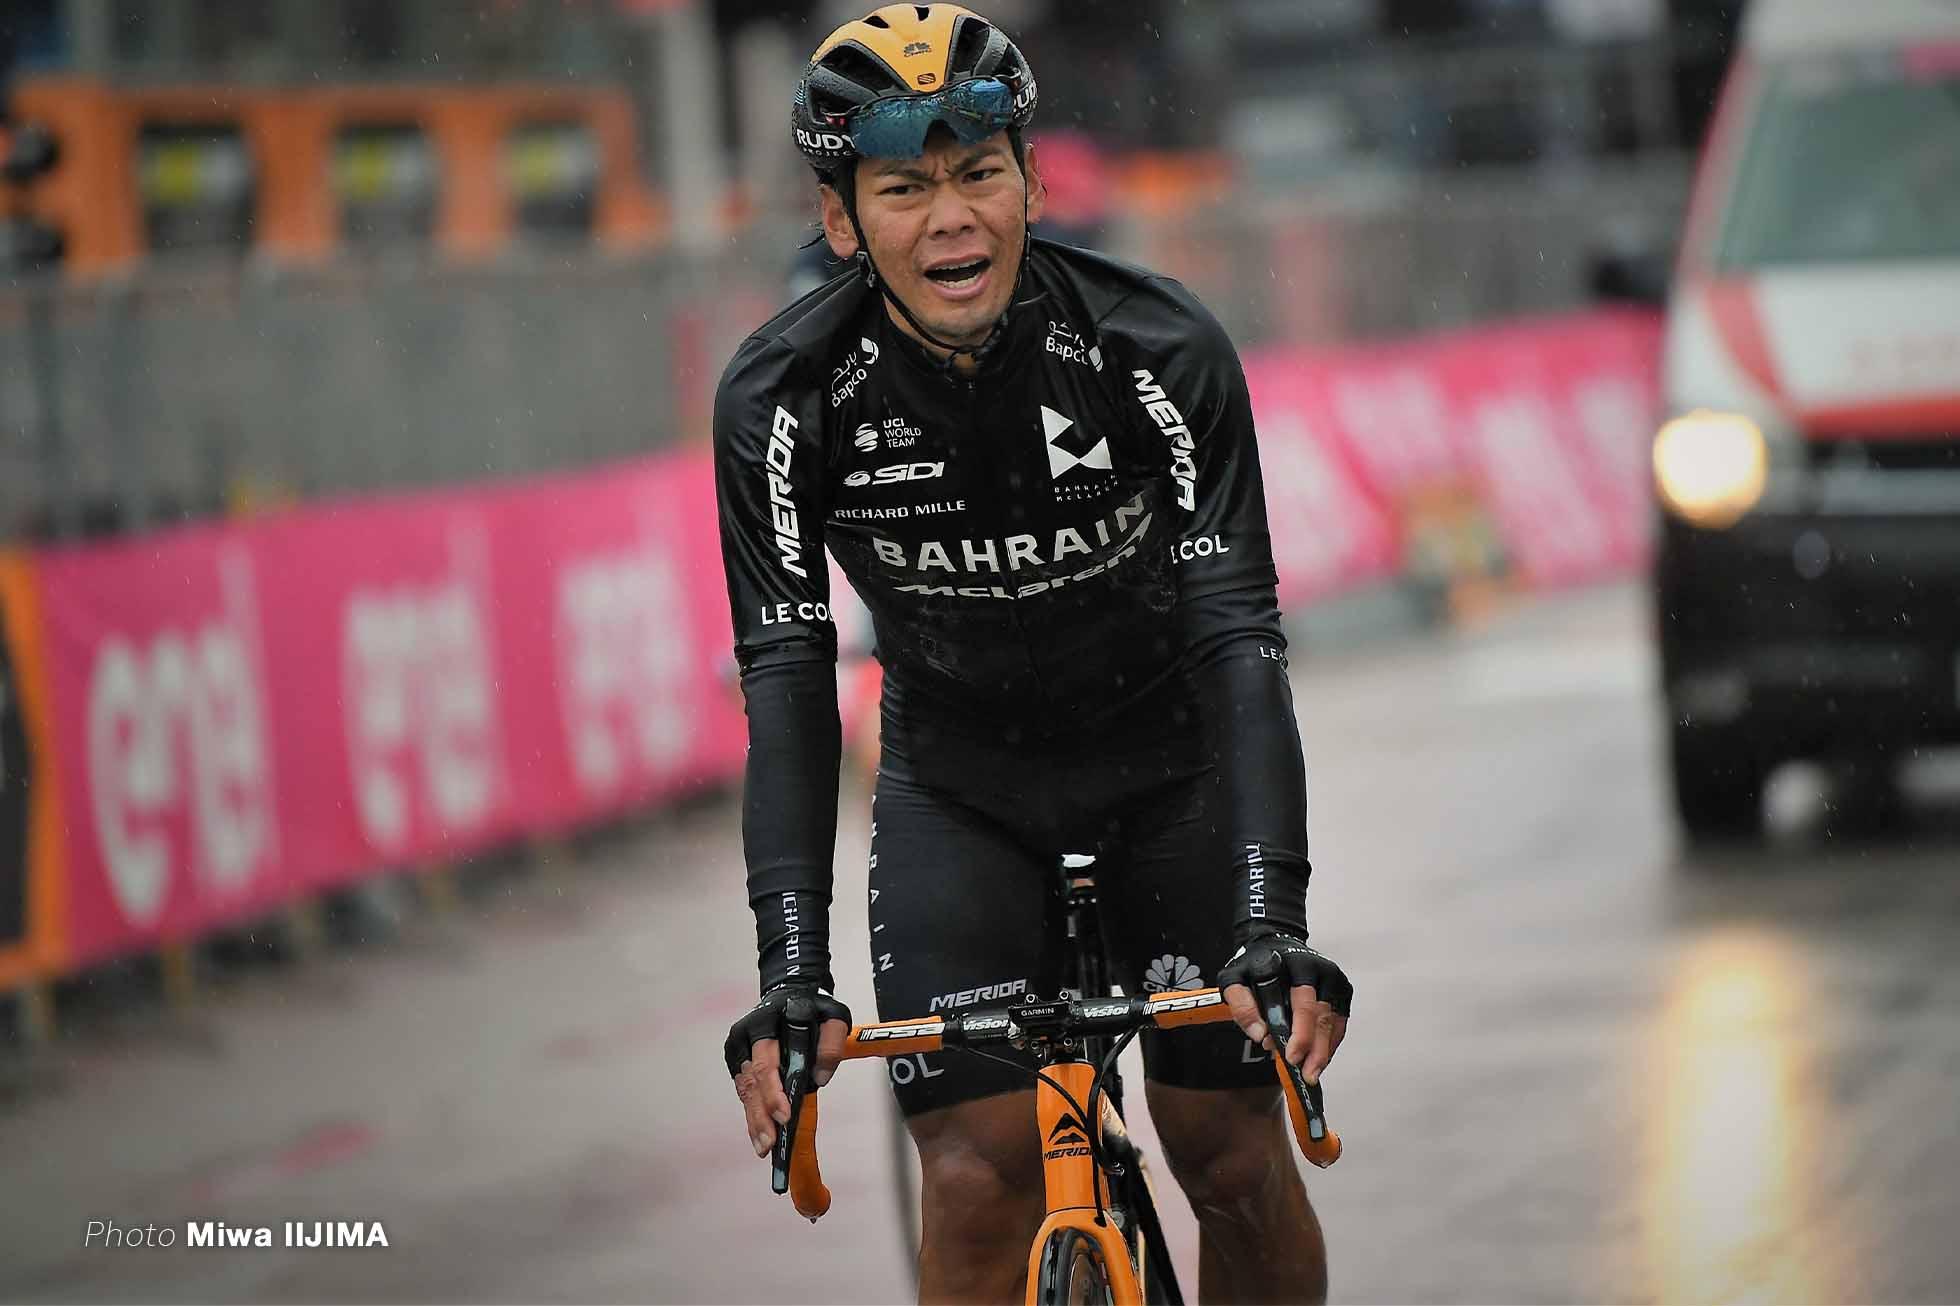 新城幸也 ジロ2020 第12ステージ photo Miwa IIJIMA